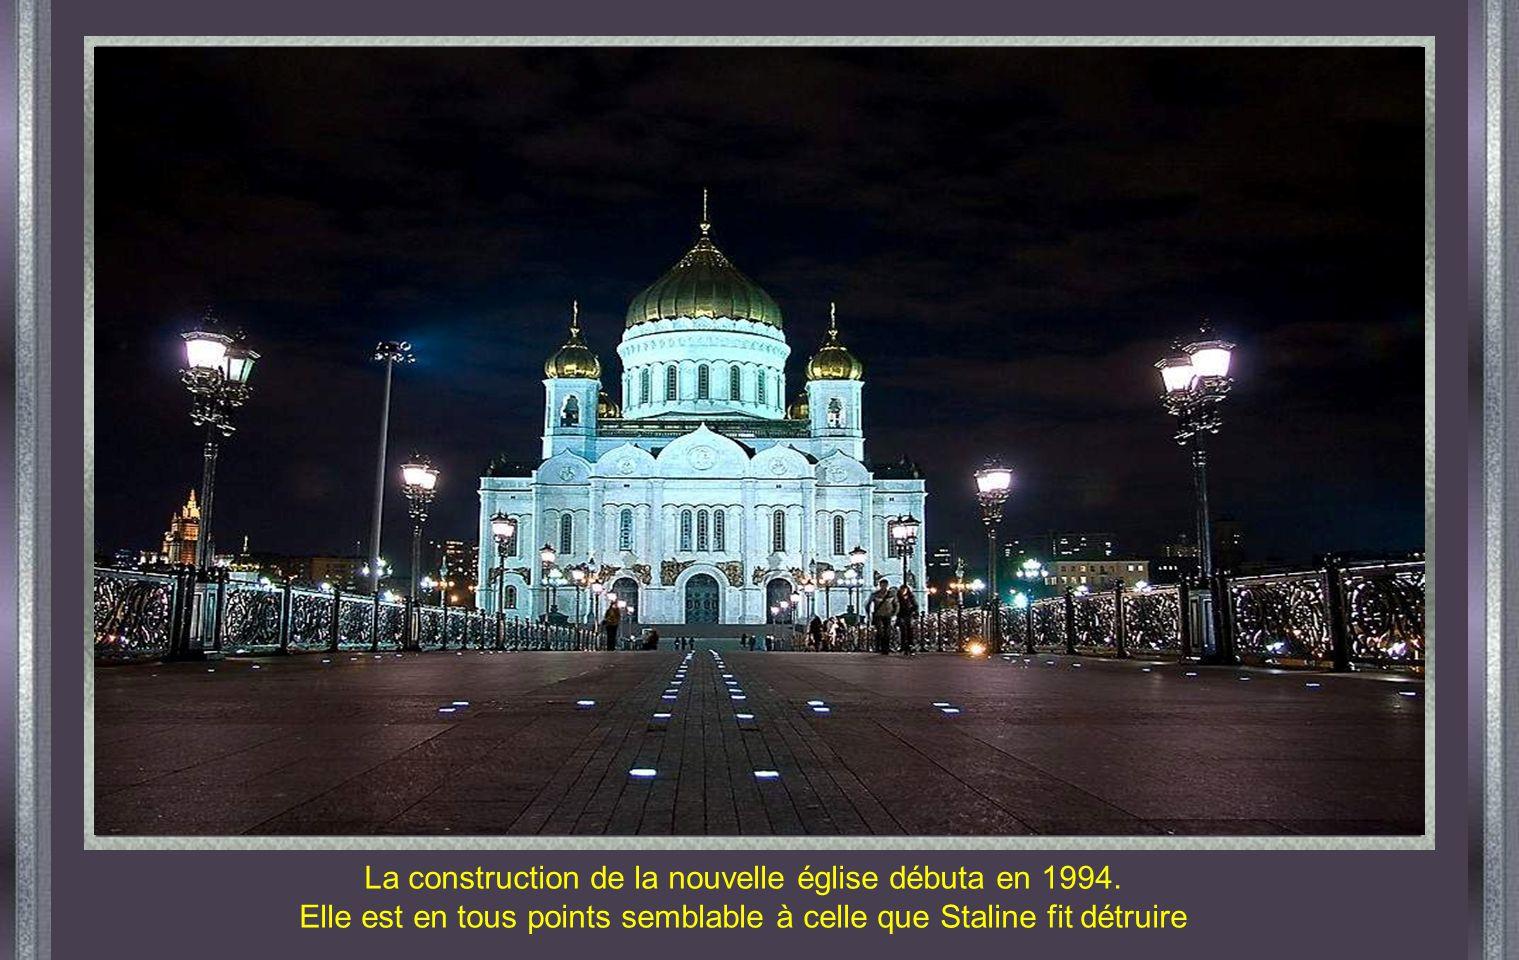 La construction de la nouvelle église débuta en 1994.